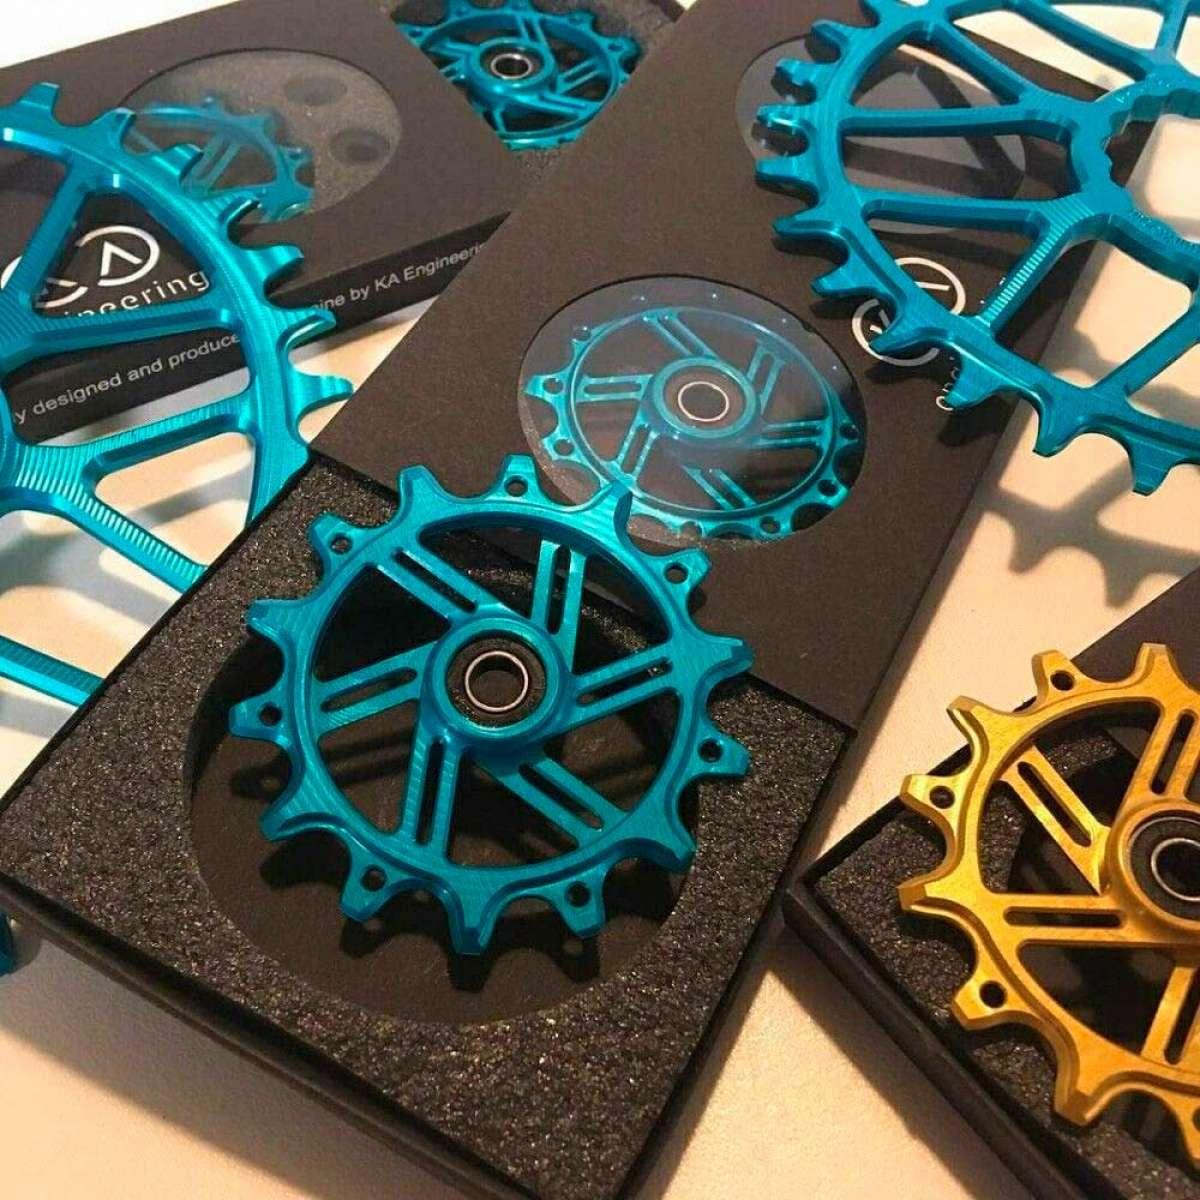 Bikesur Sport trae a España los platos de titanio y aluminio de Ka Engineering